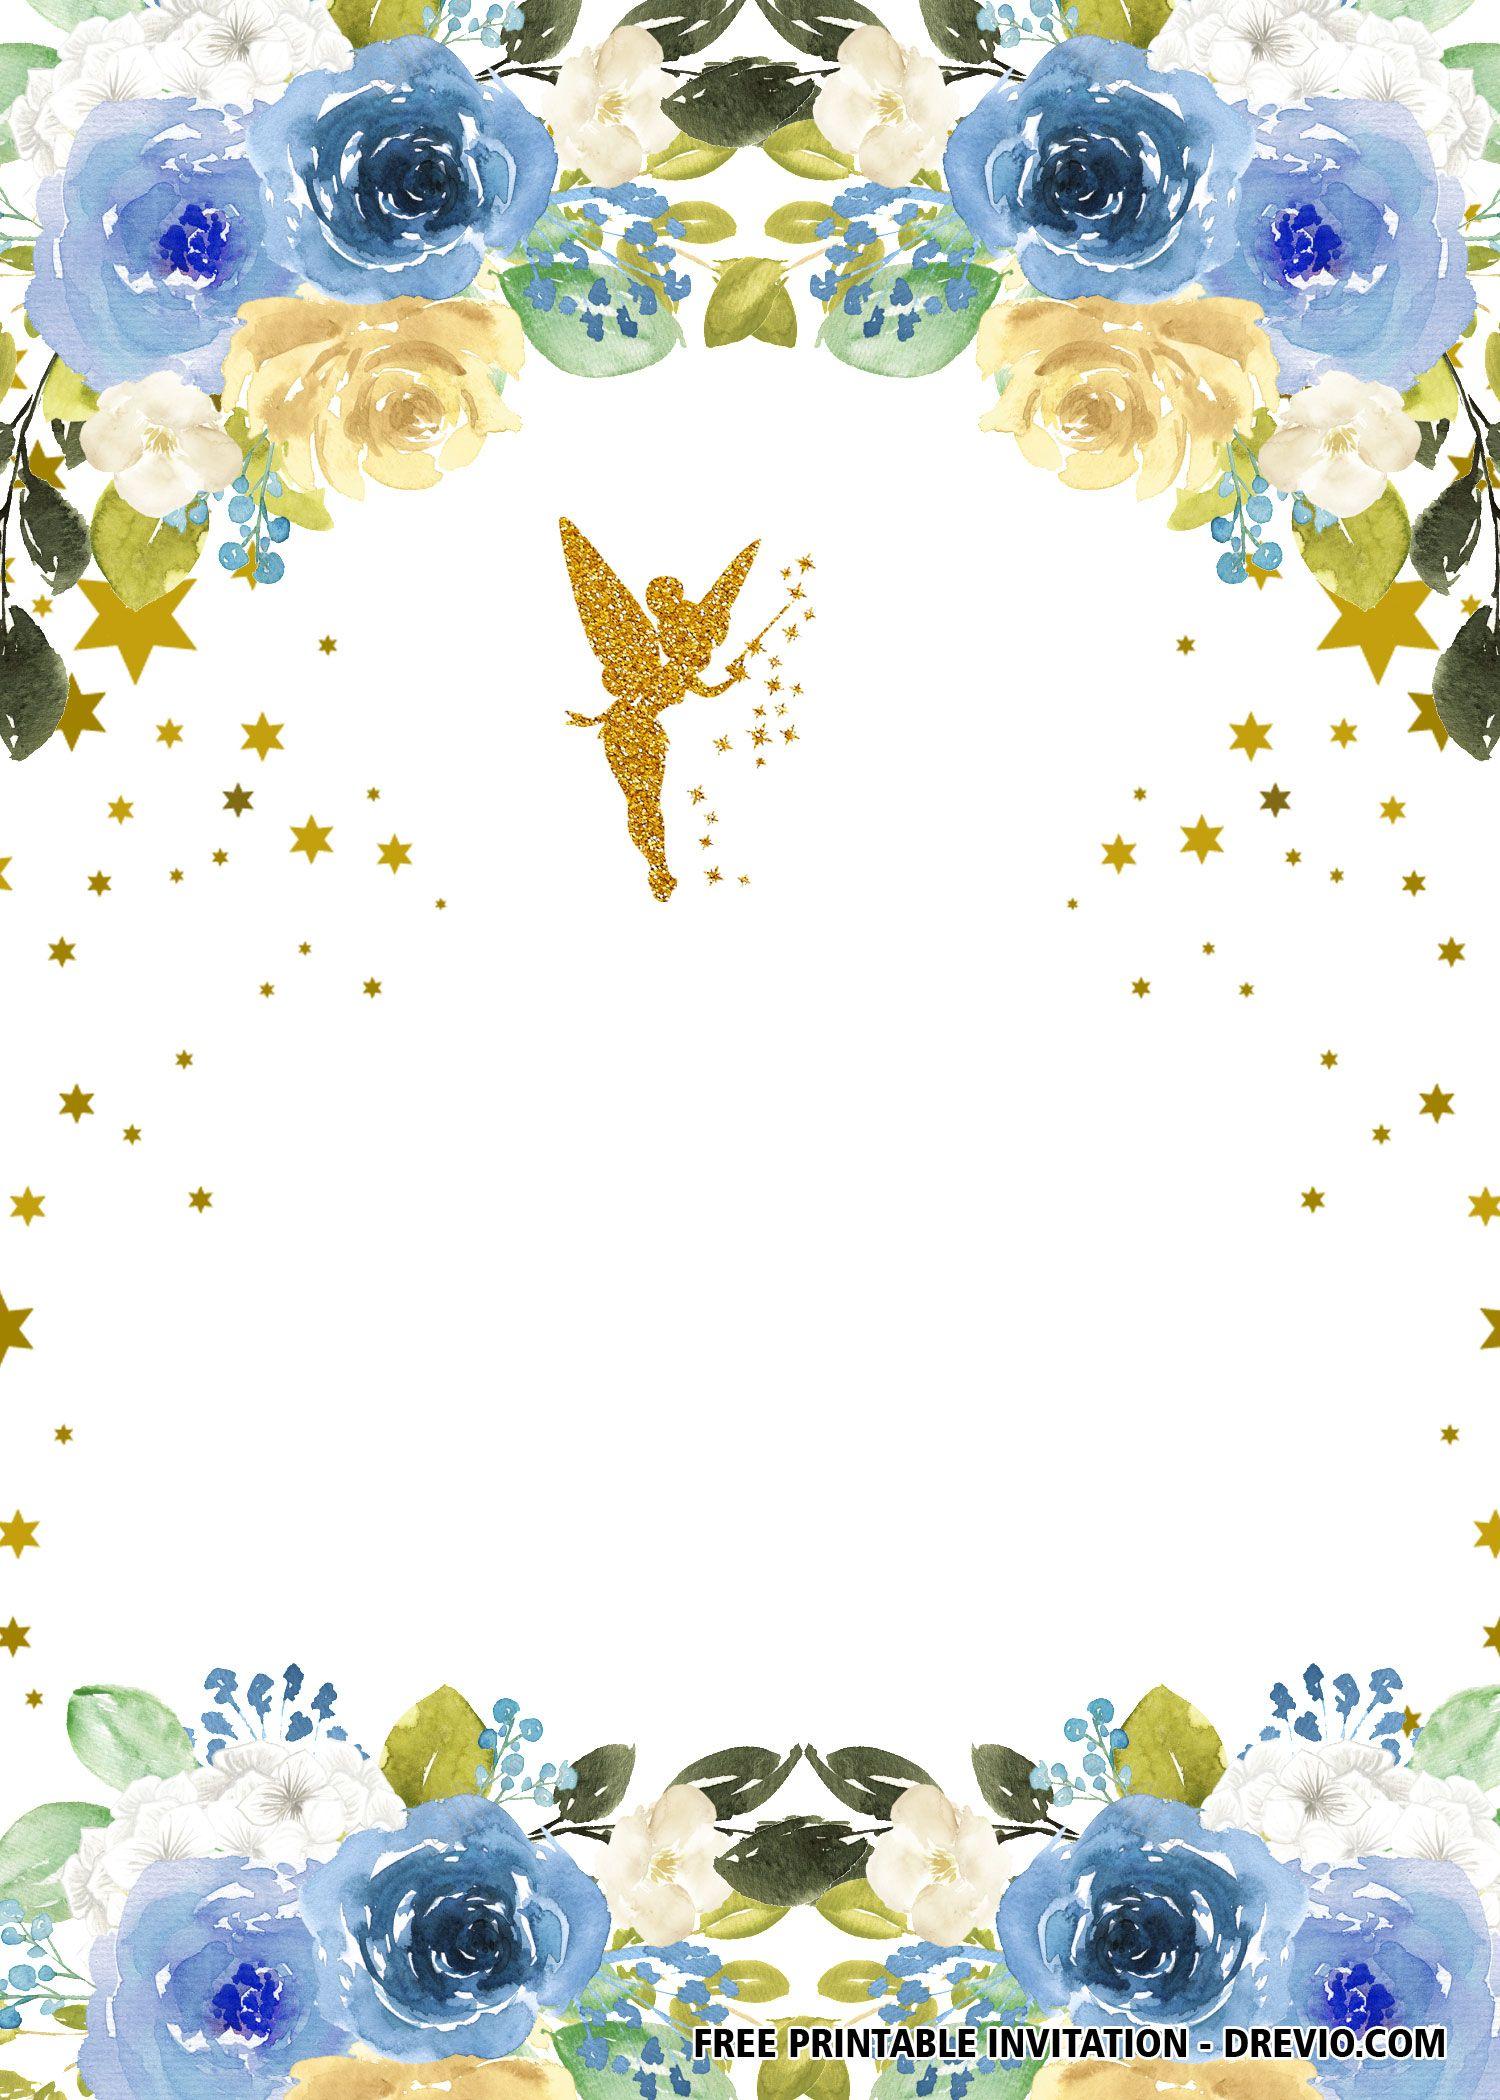 Free Fairy Invitation Templates Fairy Invitations Tinkerbell Invitations Birthday Party Invitations Free